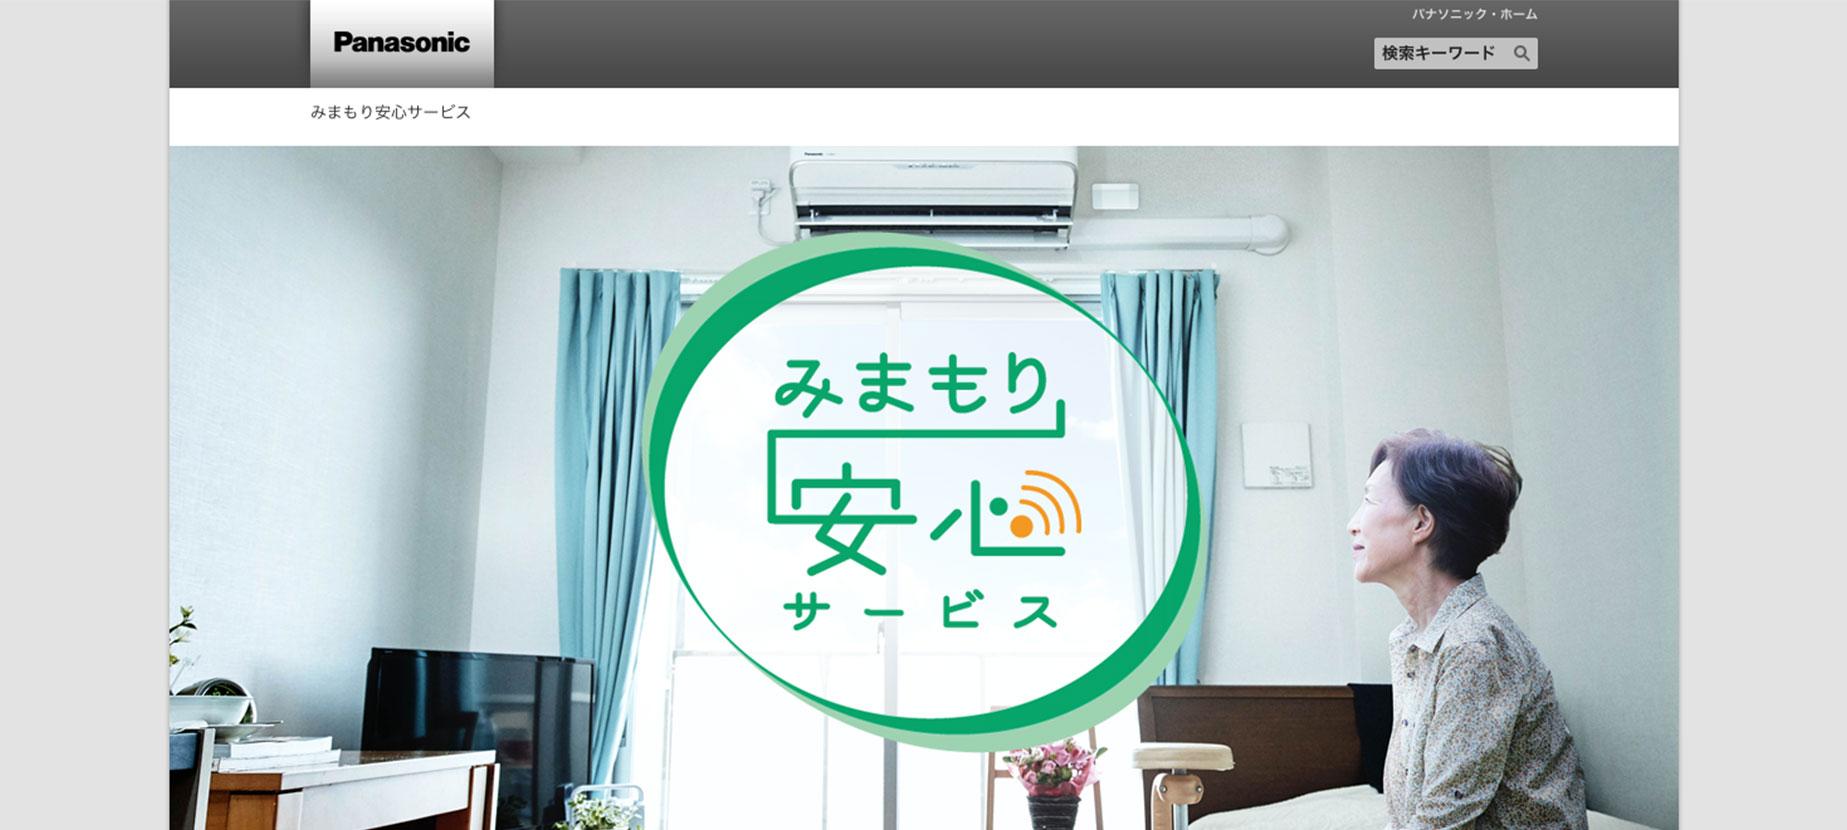 見守り安心サービスサイトのイメージ